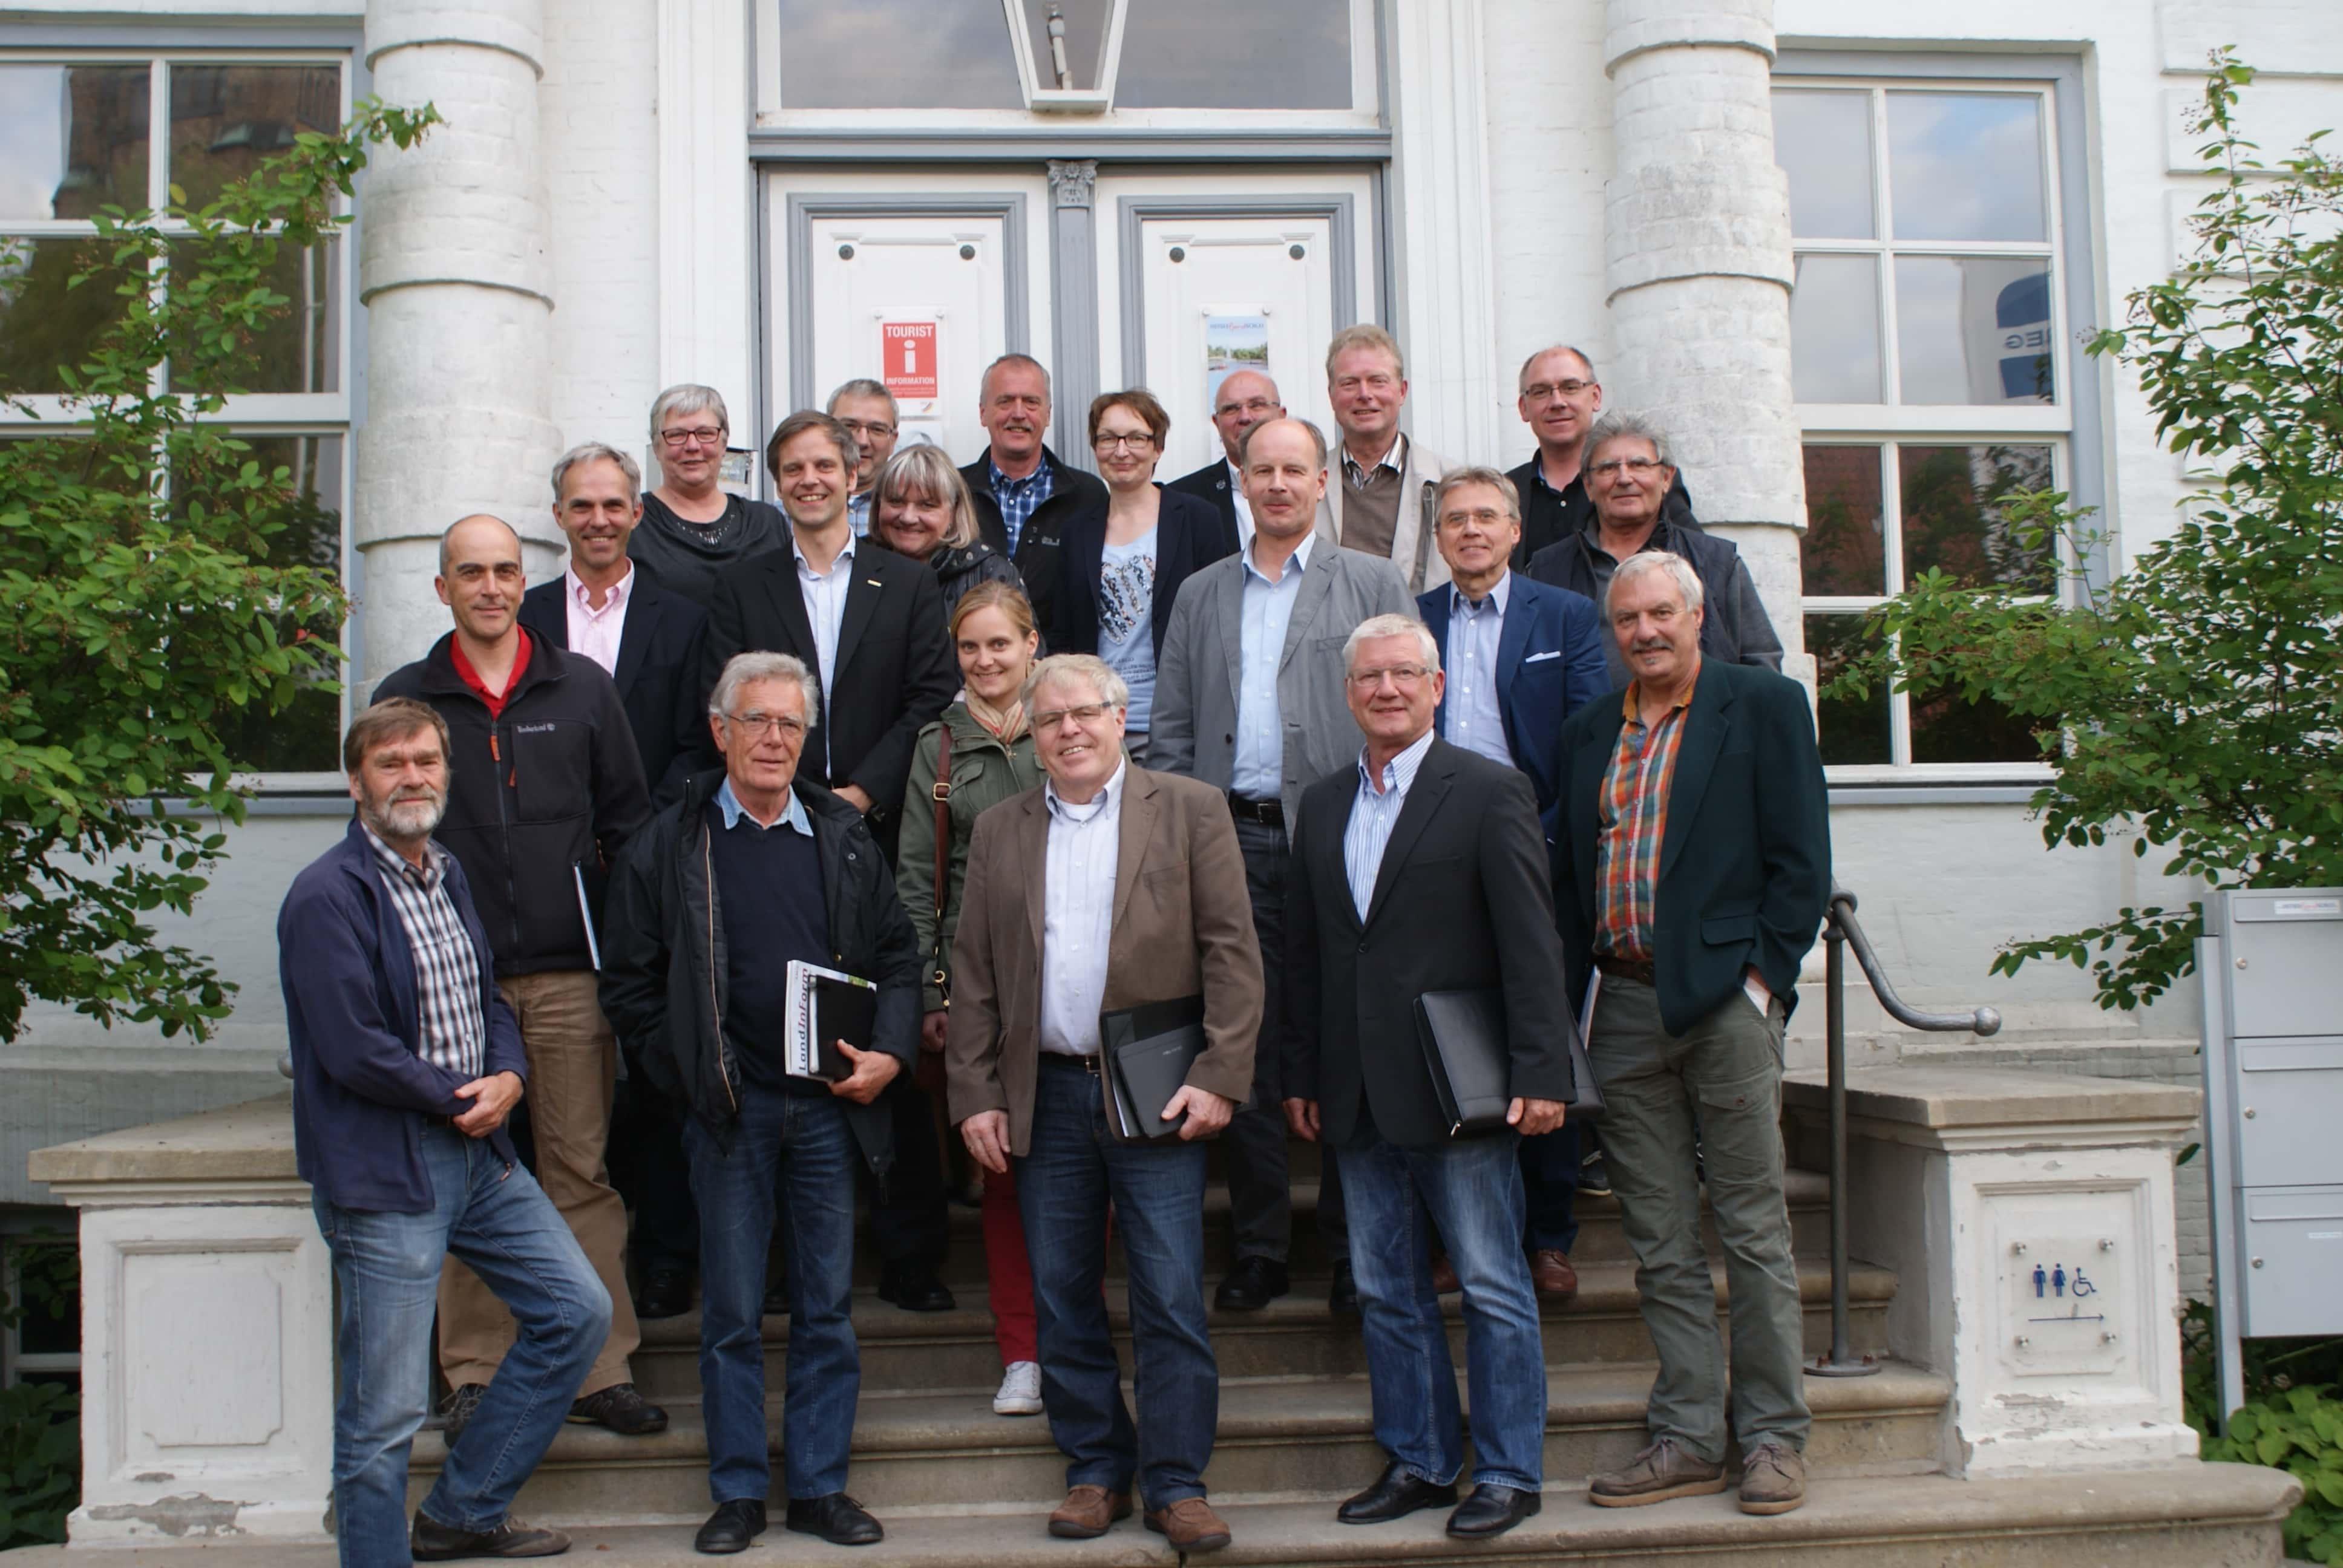 Teilnehmer der Arbeitskreissitzung Wachstum und Innovation am 06.08.2015